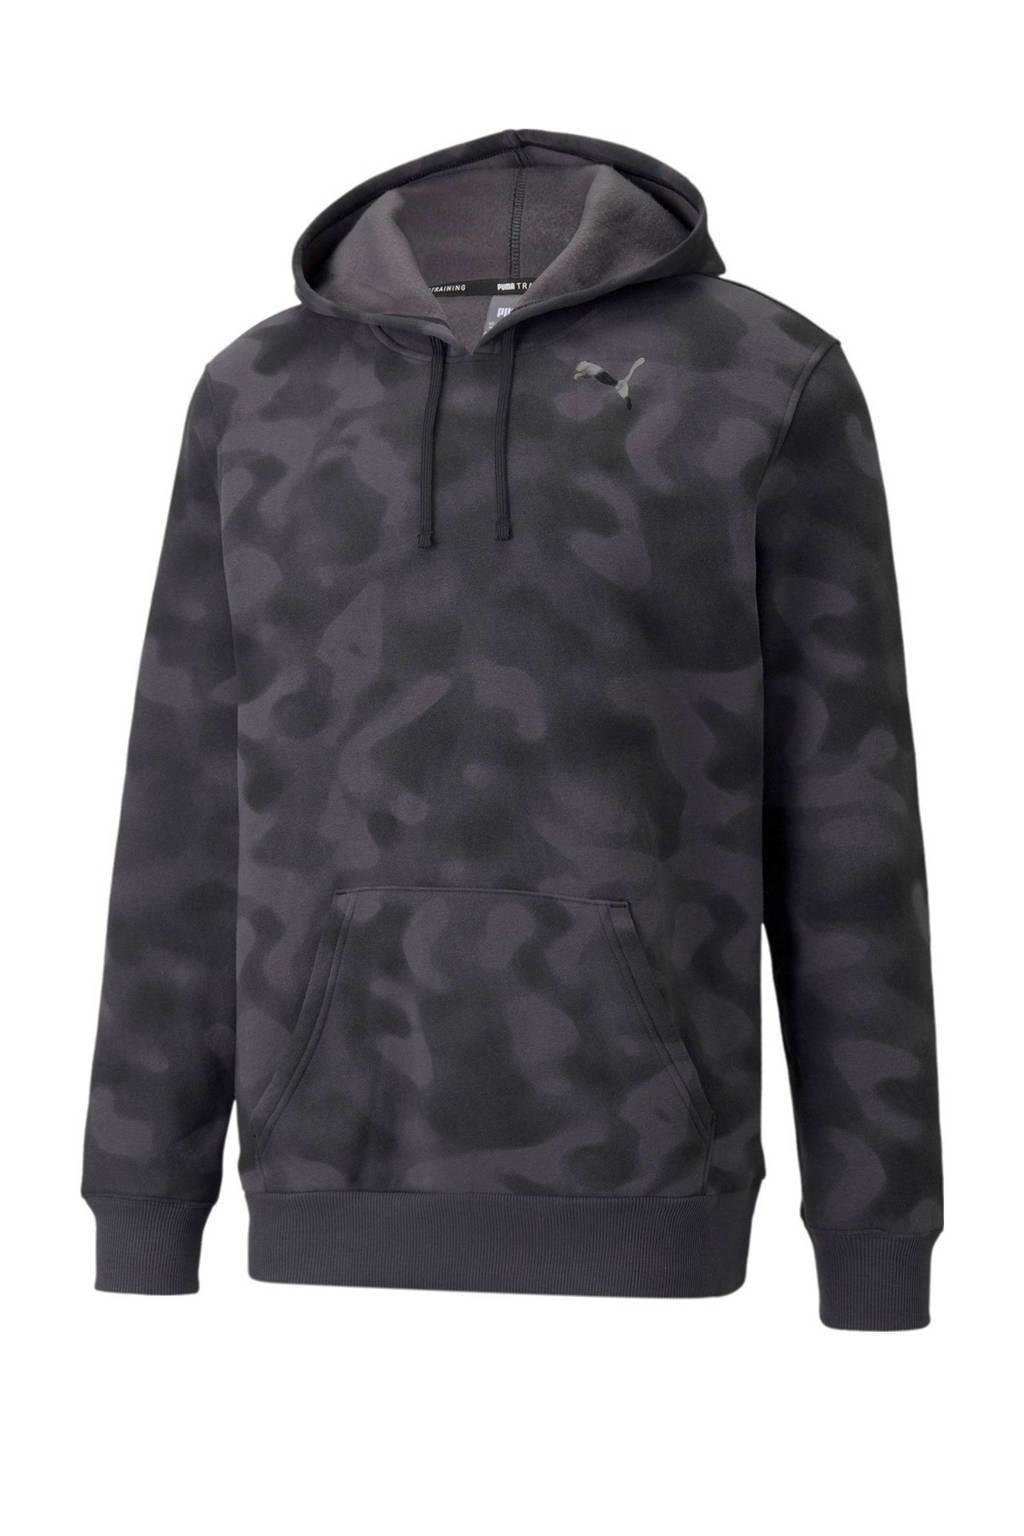 Puma   sporthoodie zwart/grijs, Zwart/grijs